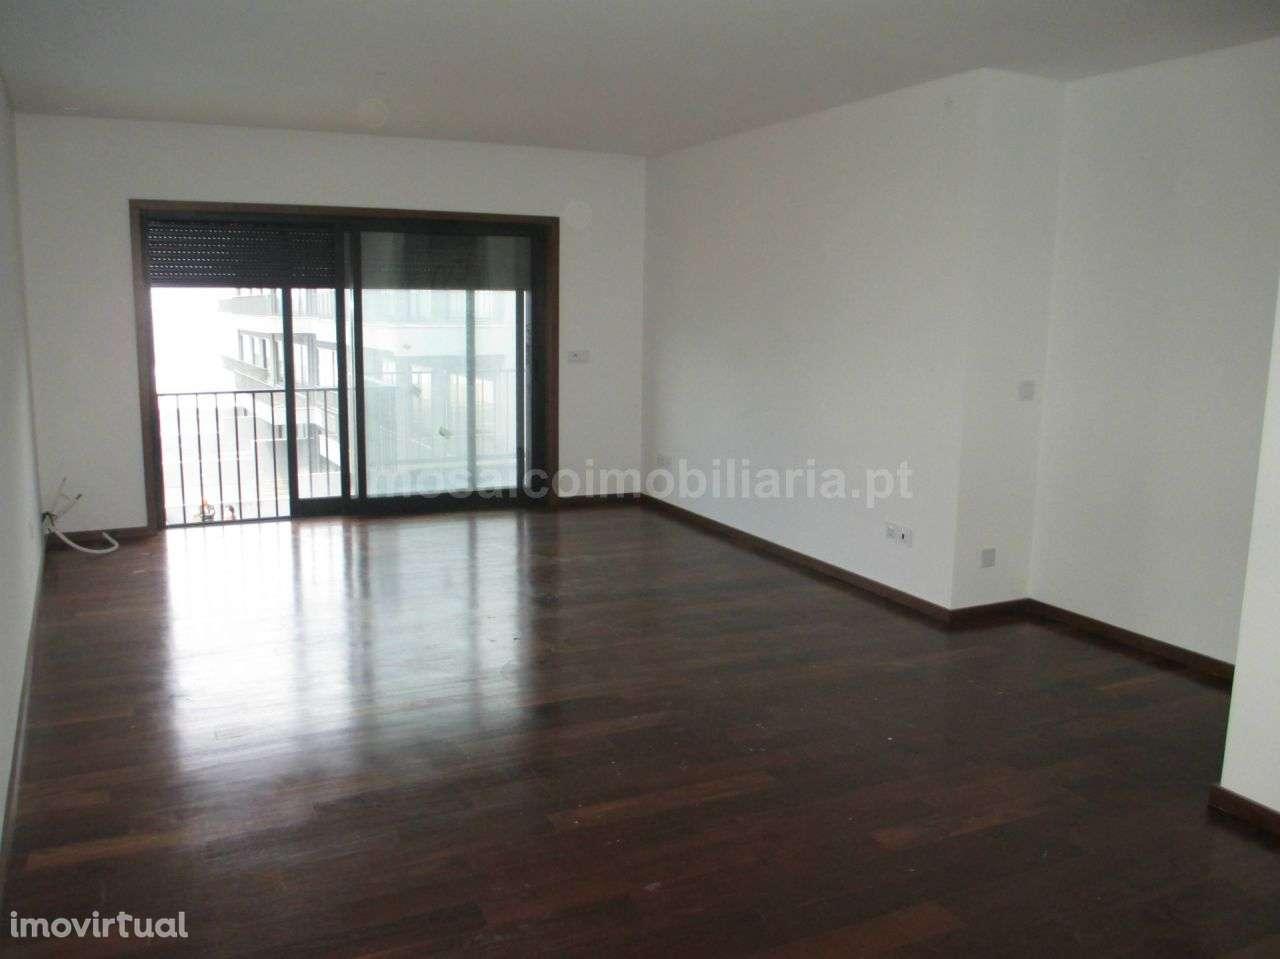 Apartamento para comprar, Canidelo, Porto - Foto 40